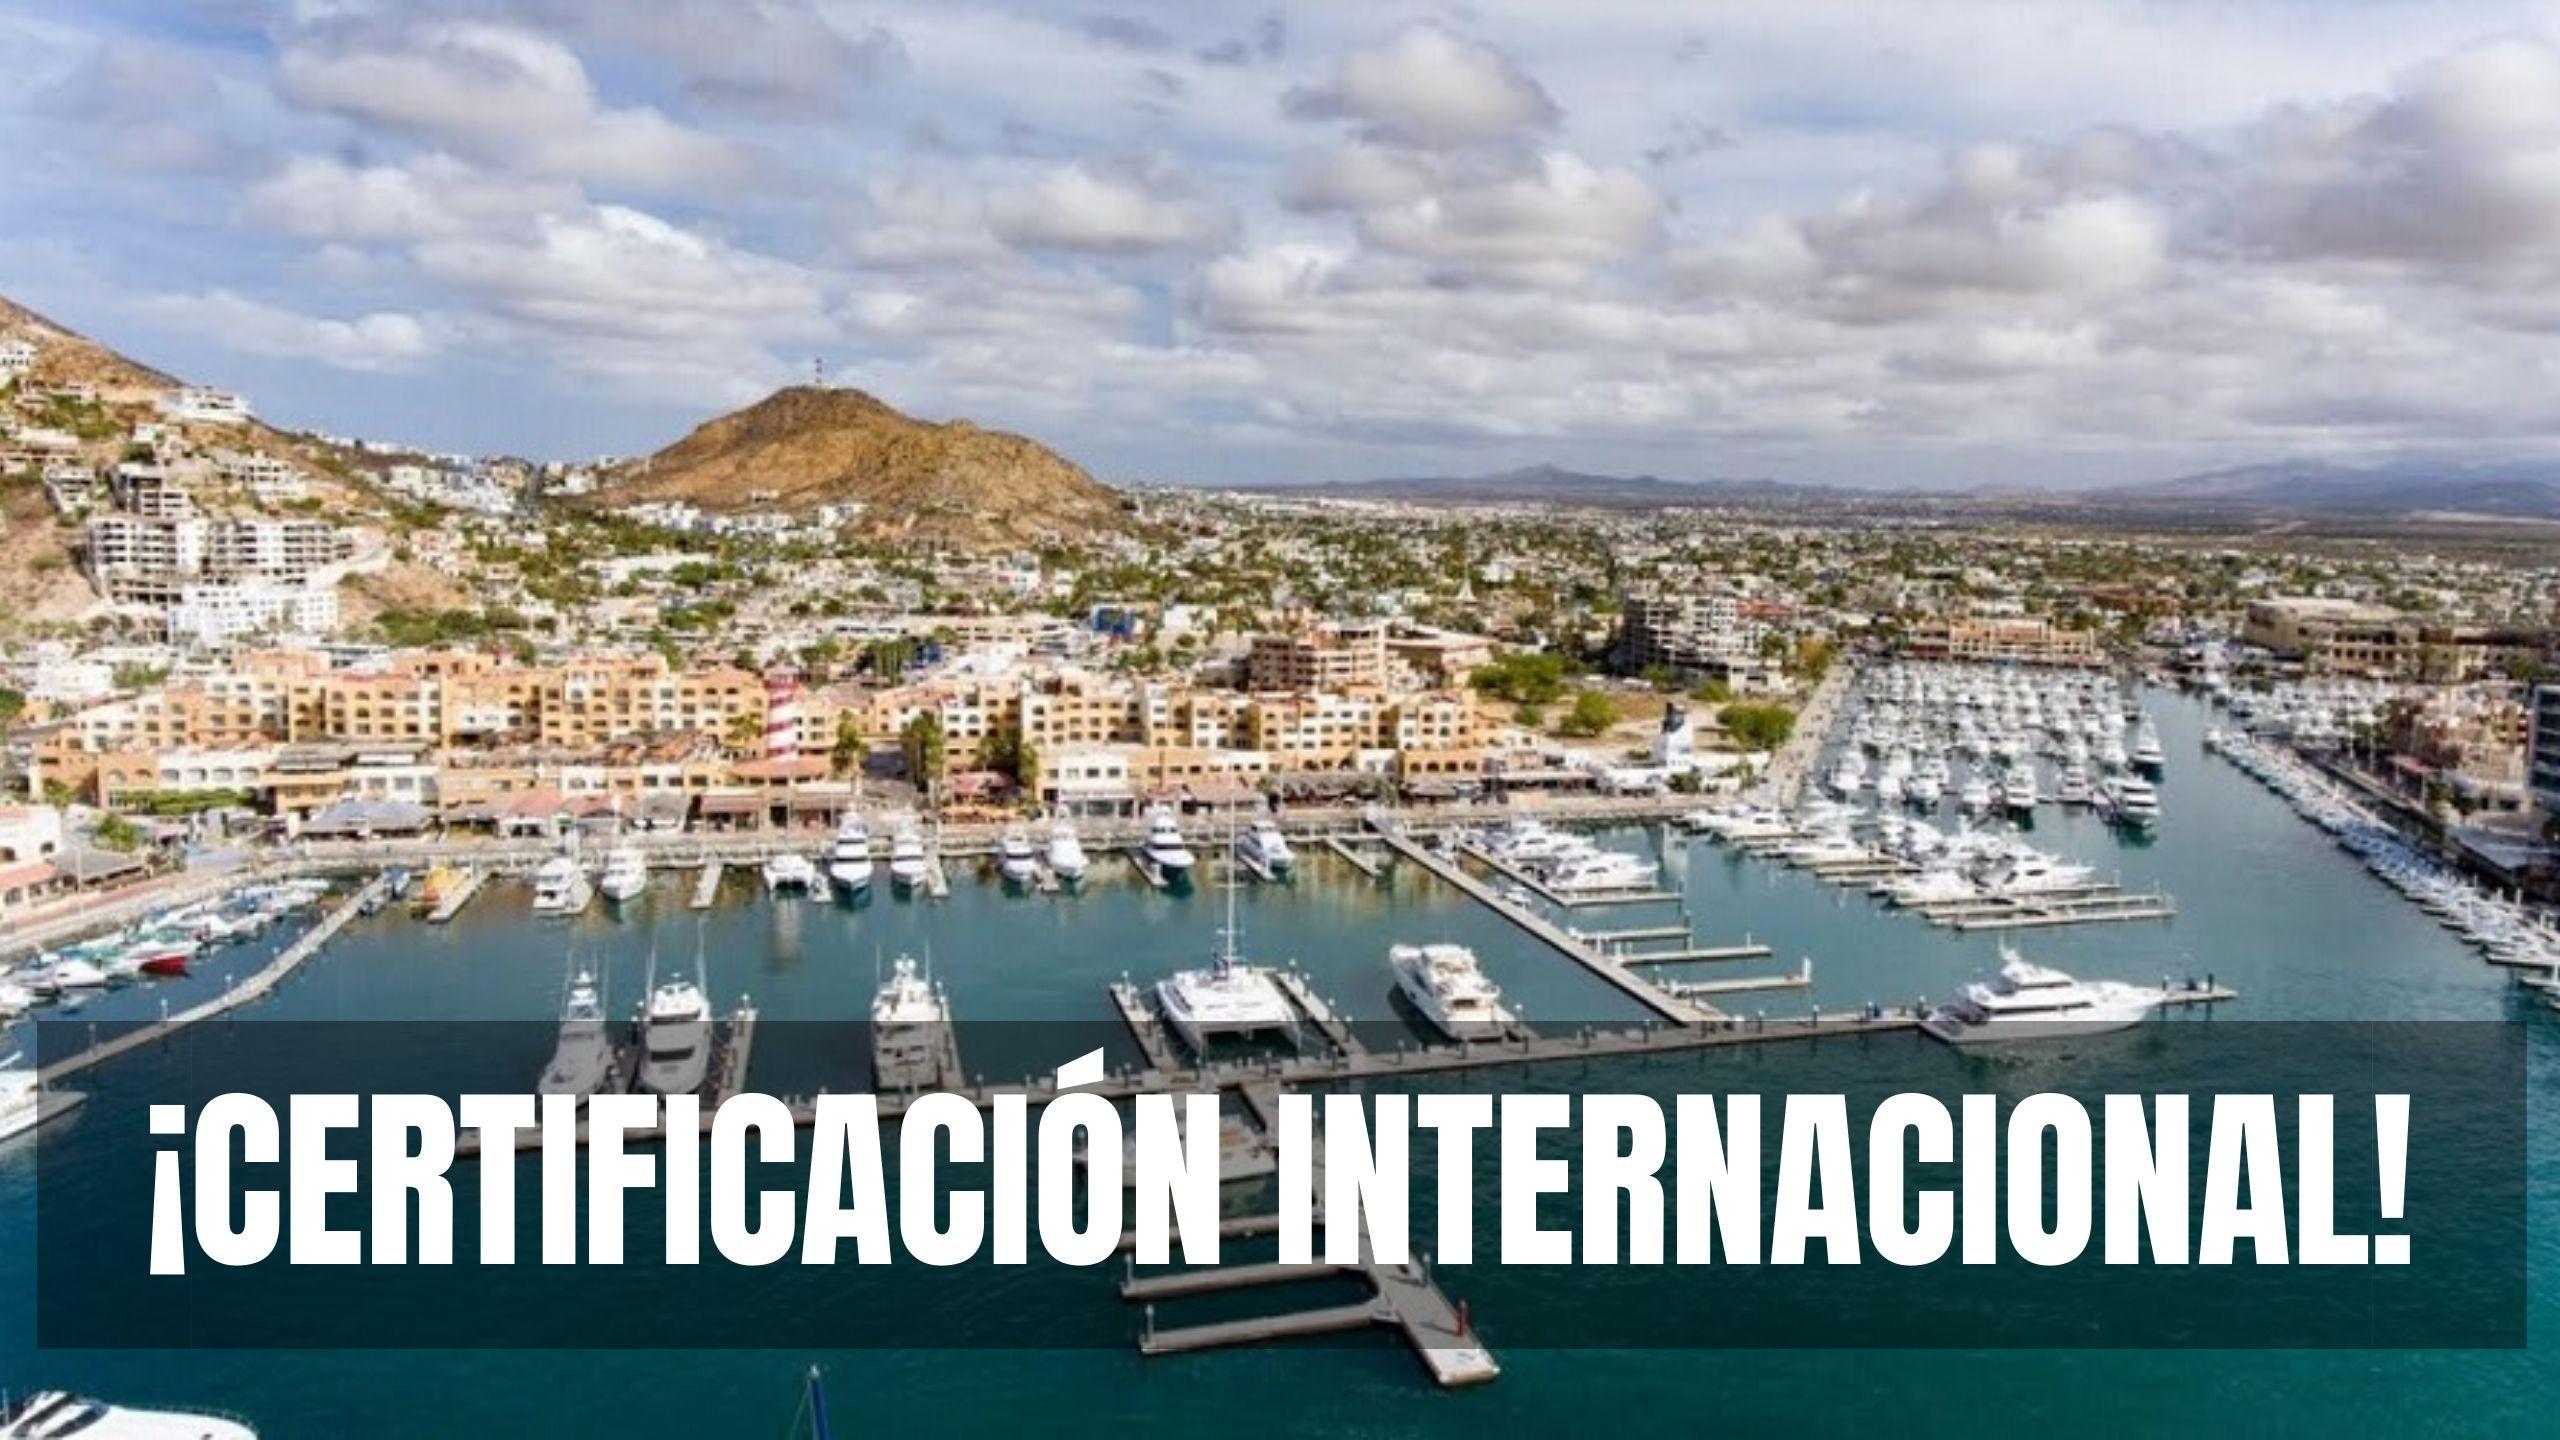 BCS, Yucatán y Grupo Xcaret reciben distintivo de viaje seguro